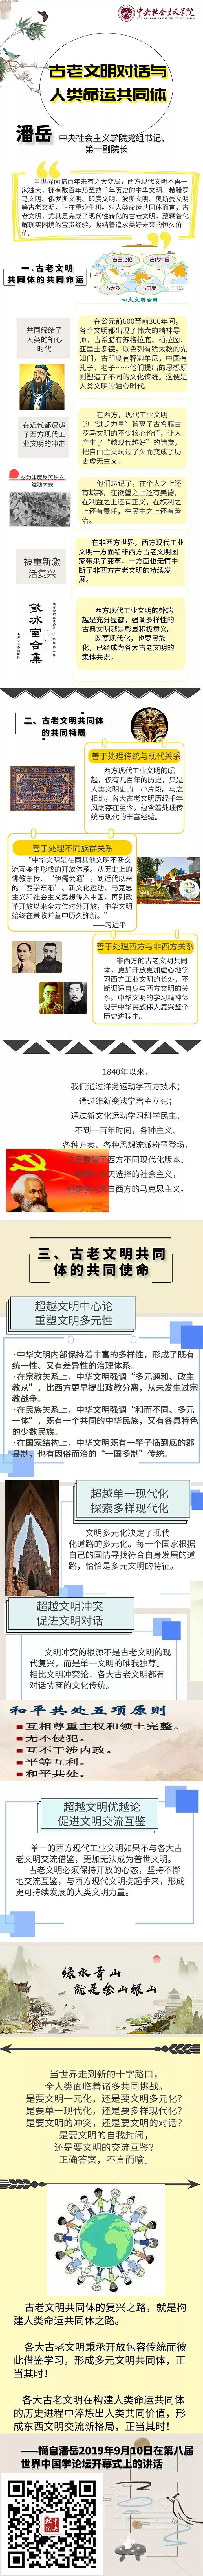 潘岳:古老文明对话与人类命运共同体